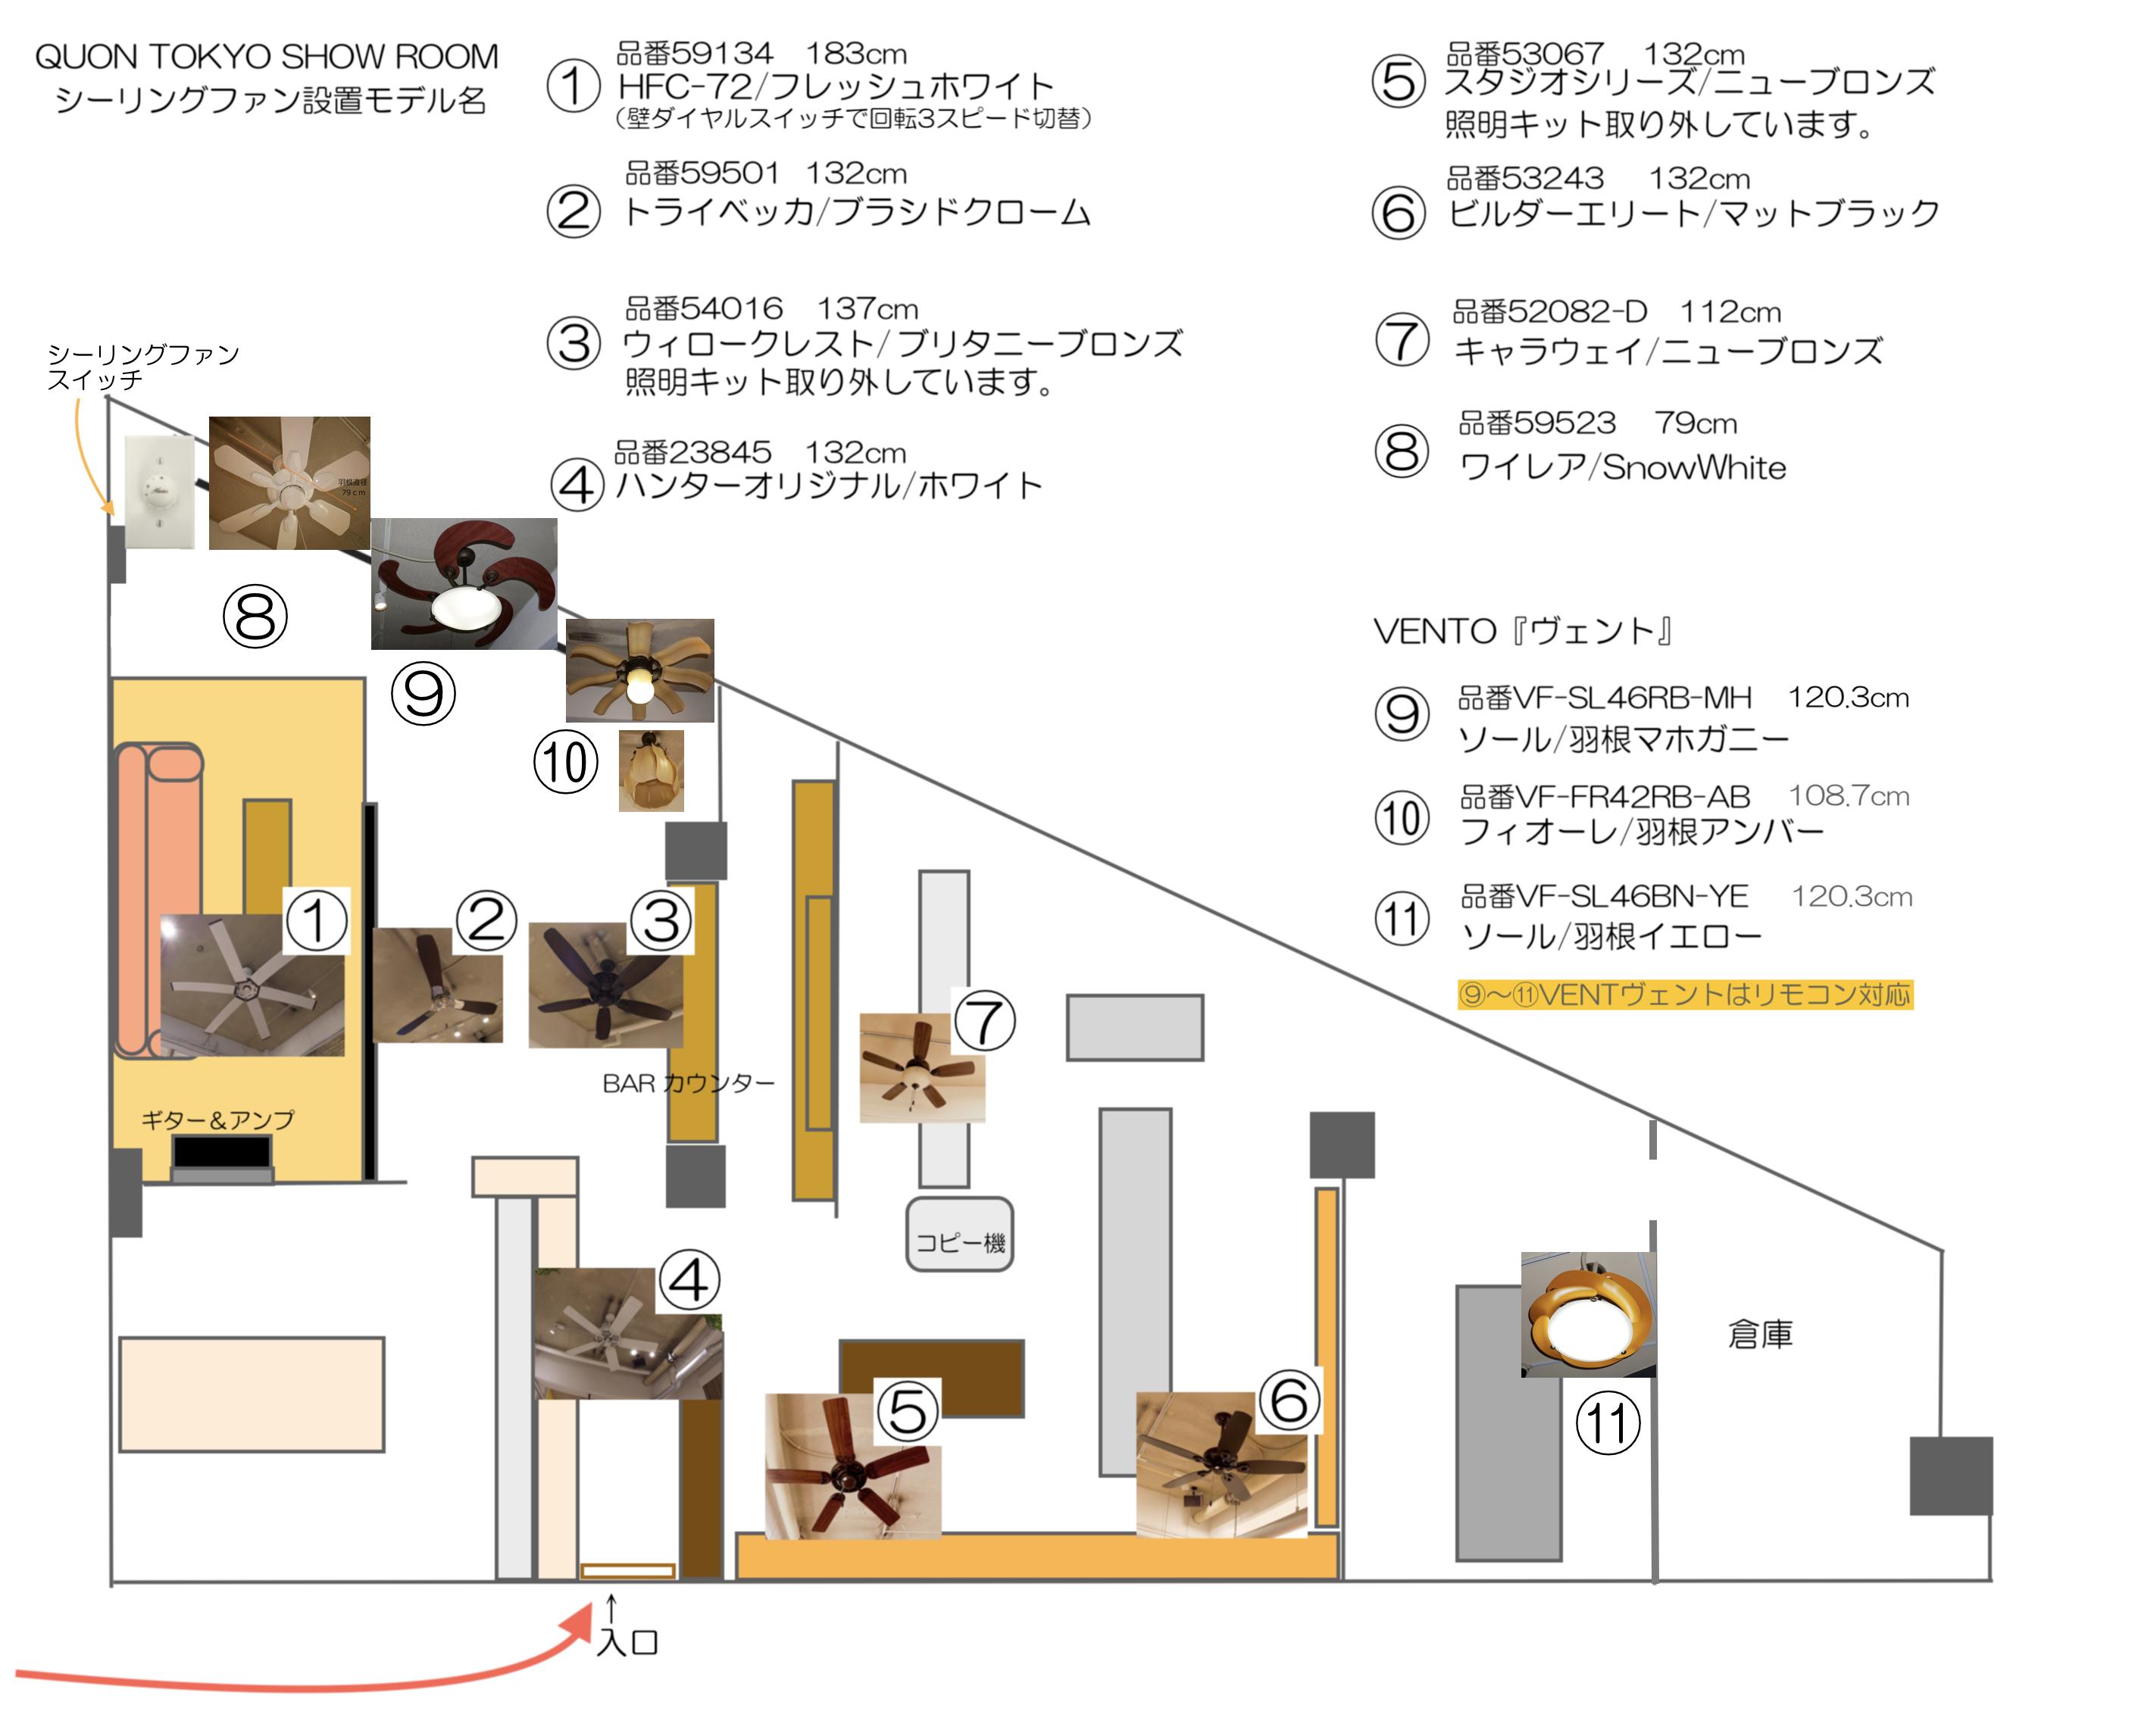 VENTO(ヴェント)シーリングファン 正規輸入販売 ハンターストア東京ショールーム 展示モデル